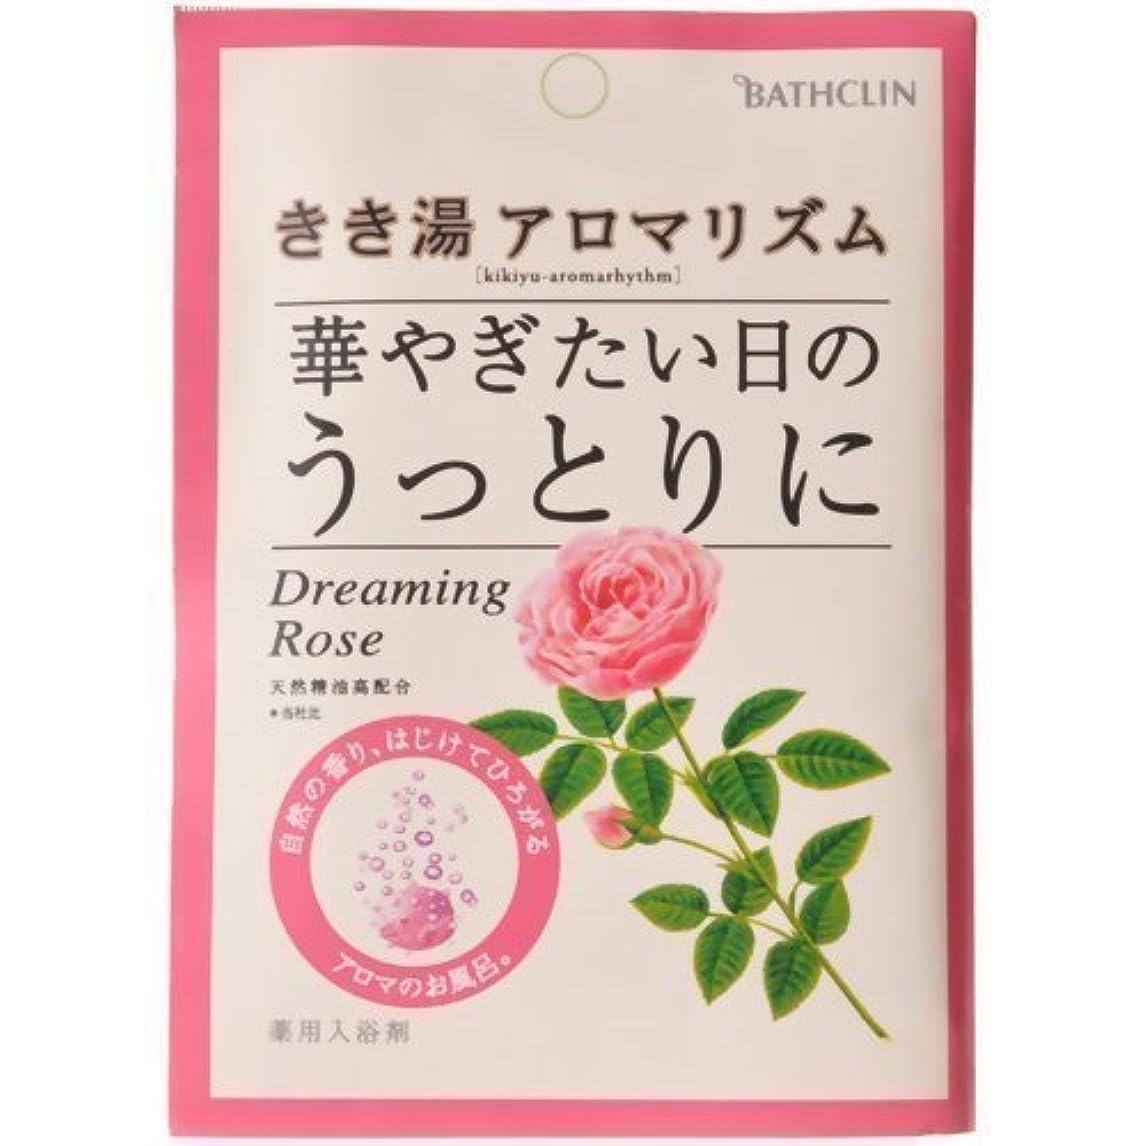 はずアッパーむさぼり食う【まとめ買い】きき湯 アロマリズム ドリーミングローズの香り 30g ×4個